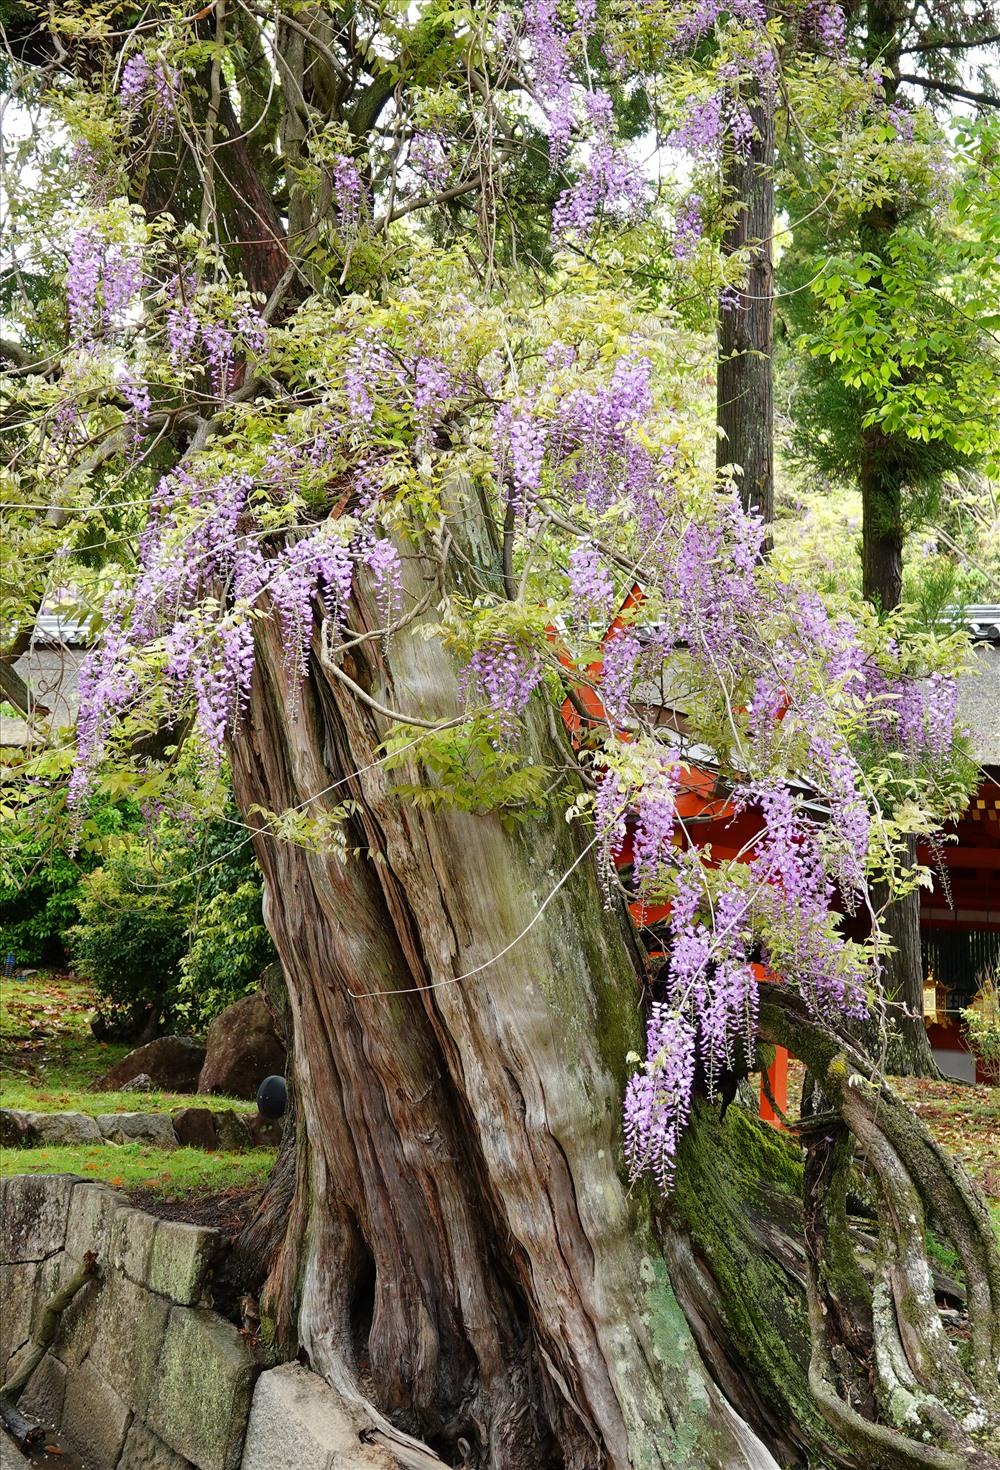 Là một loại hoa với thân dạng dây leo, nhưng qua vài thế kỷ tỏa hương khoe sắc, các cây tử đằng đã trở thành kỳ quan cổ thụ. Với người Nhât, mỗi màu hoa (như trắng, tím...) lại tượng trưng cho một giá trị sống đáng ao ước khác nhau của cõi đời. Ảnh: D.H